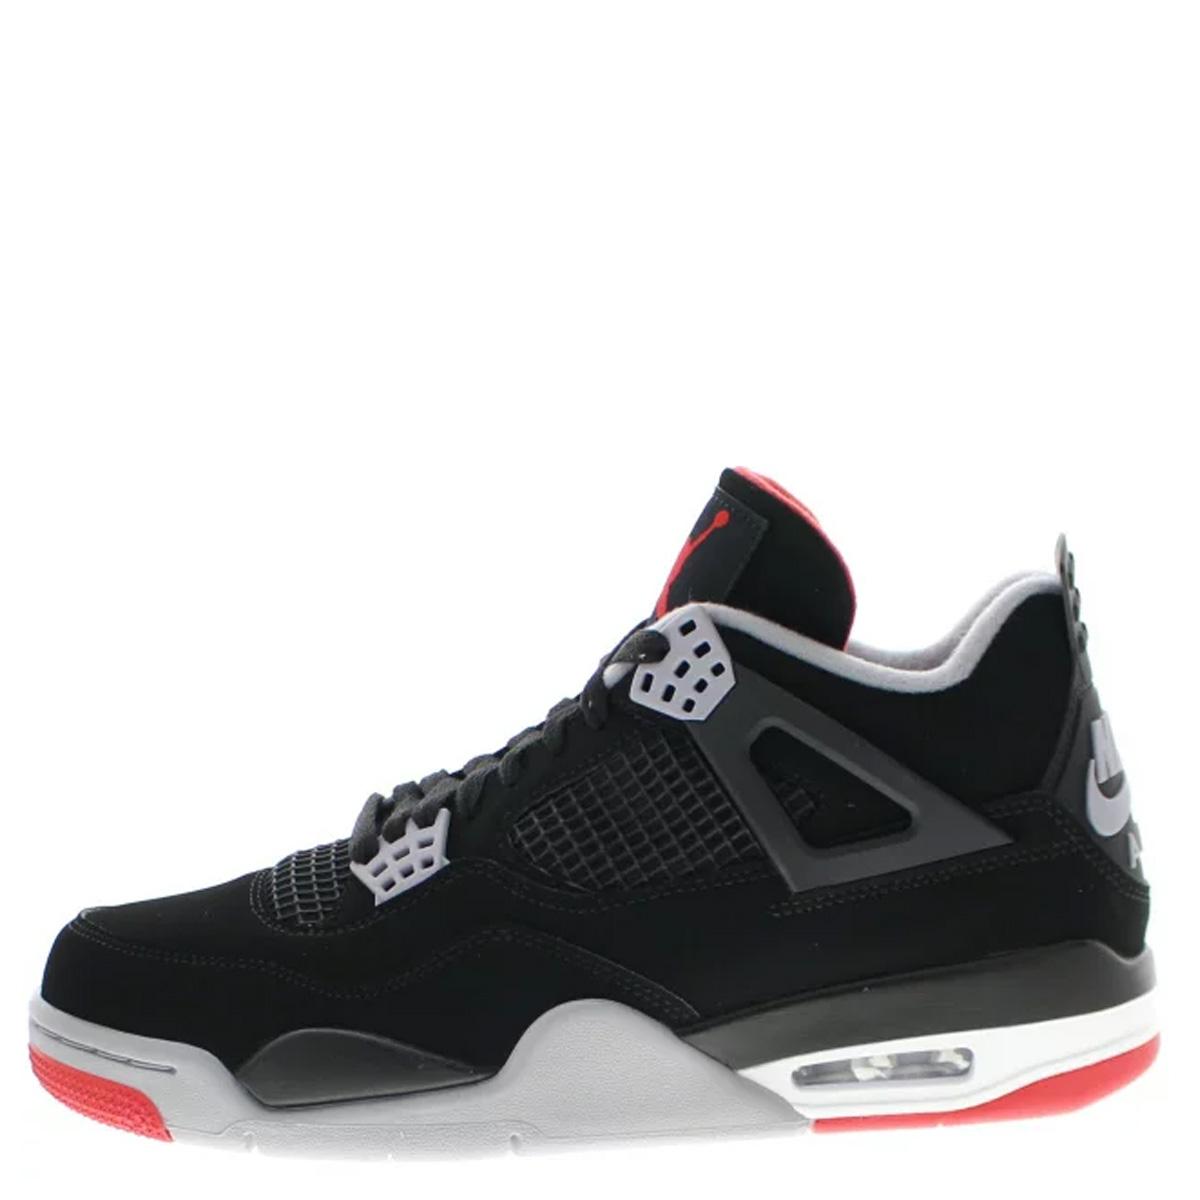 Nike NIKE Air Jordan 4 nostalgic sneakers men AIR JORDAN 4 RETRO BRED black black 308,497 060 [196]